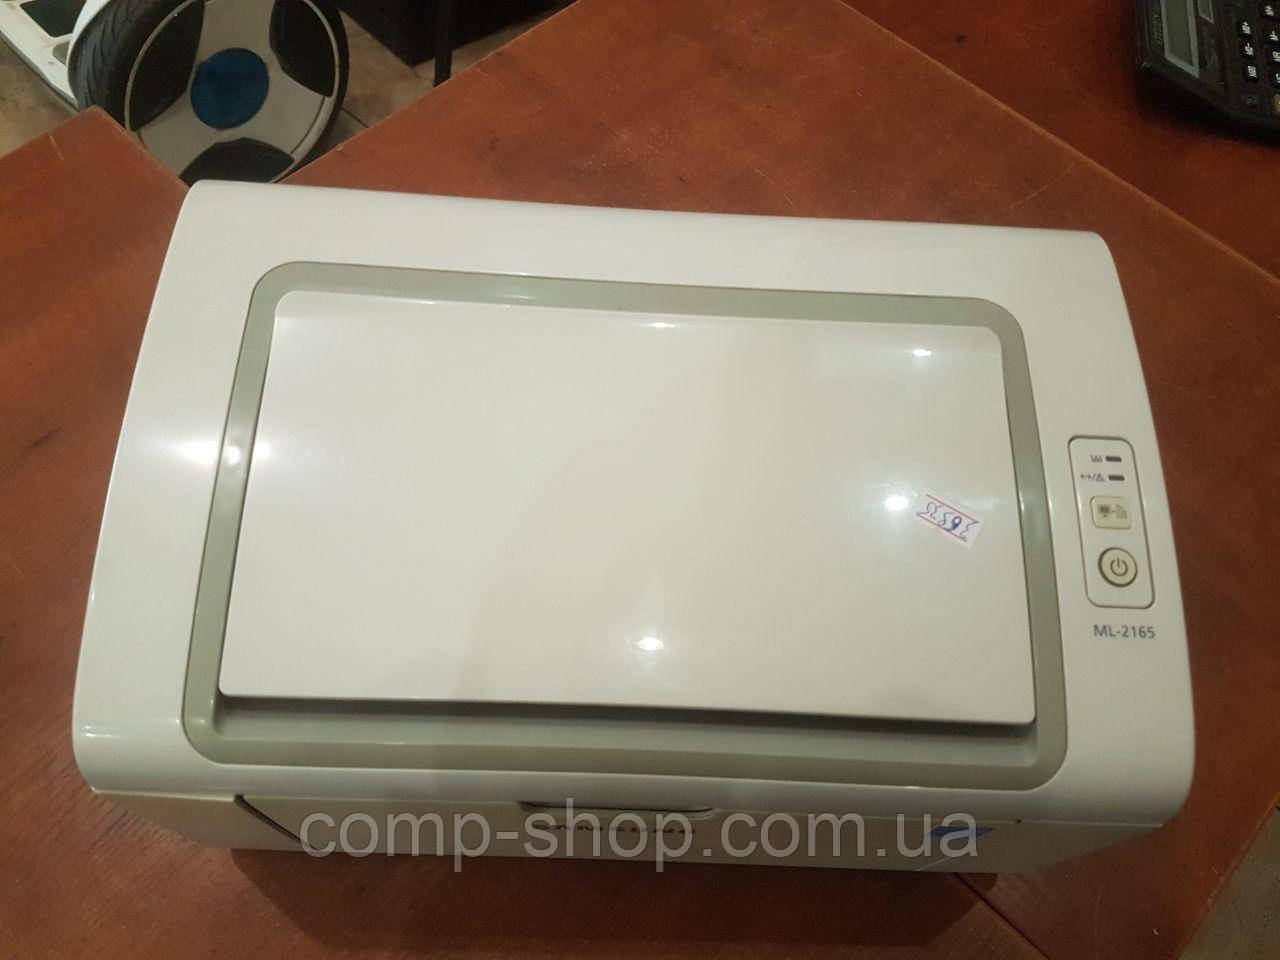 Принтер Samsung ML-2165